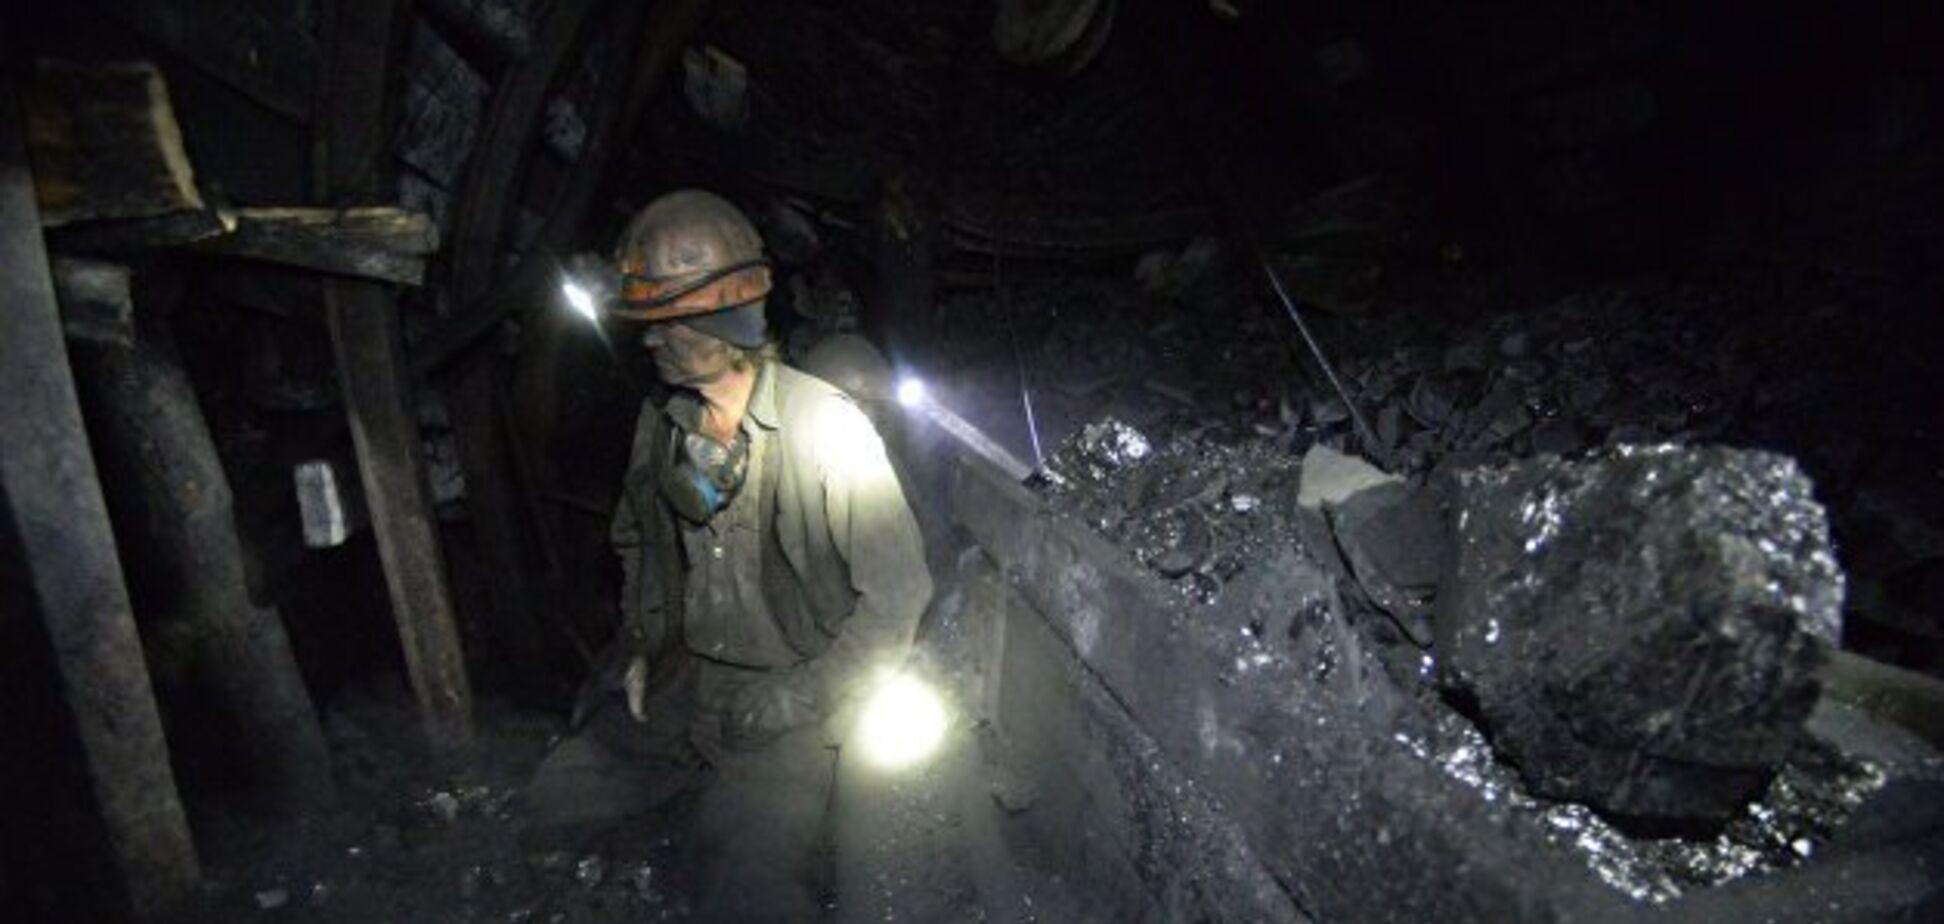 Ціни 'Роттердам+' за українське вугілля недостатньо для покриття витрат – Волинець